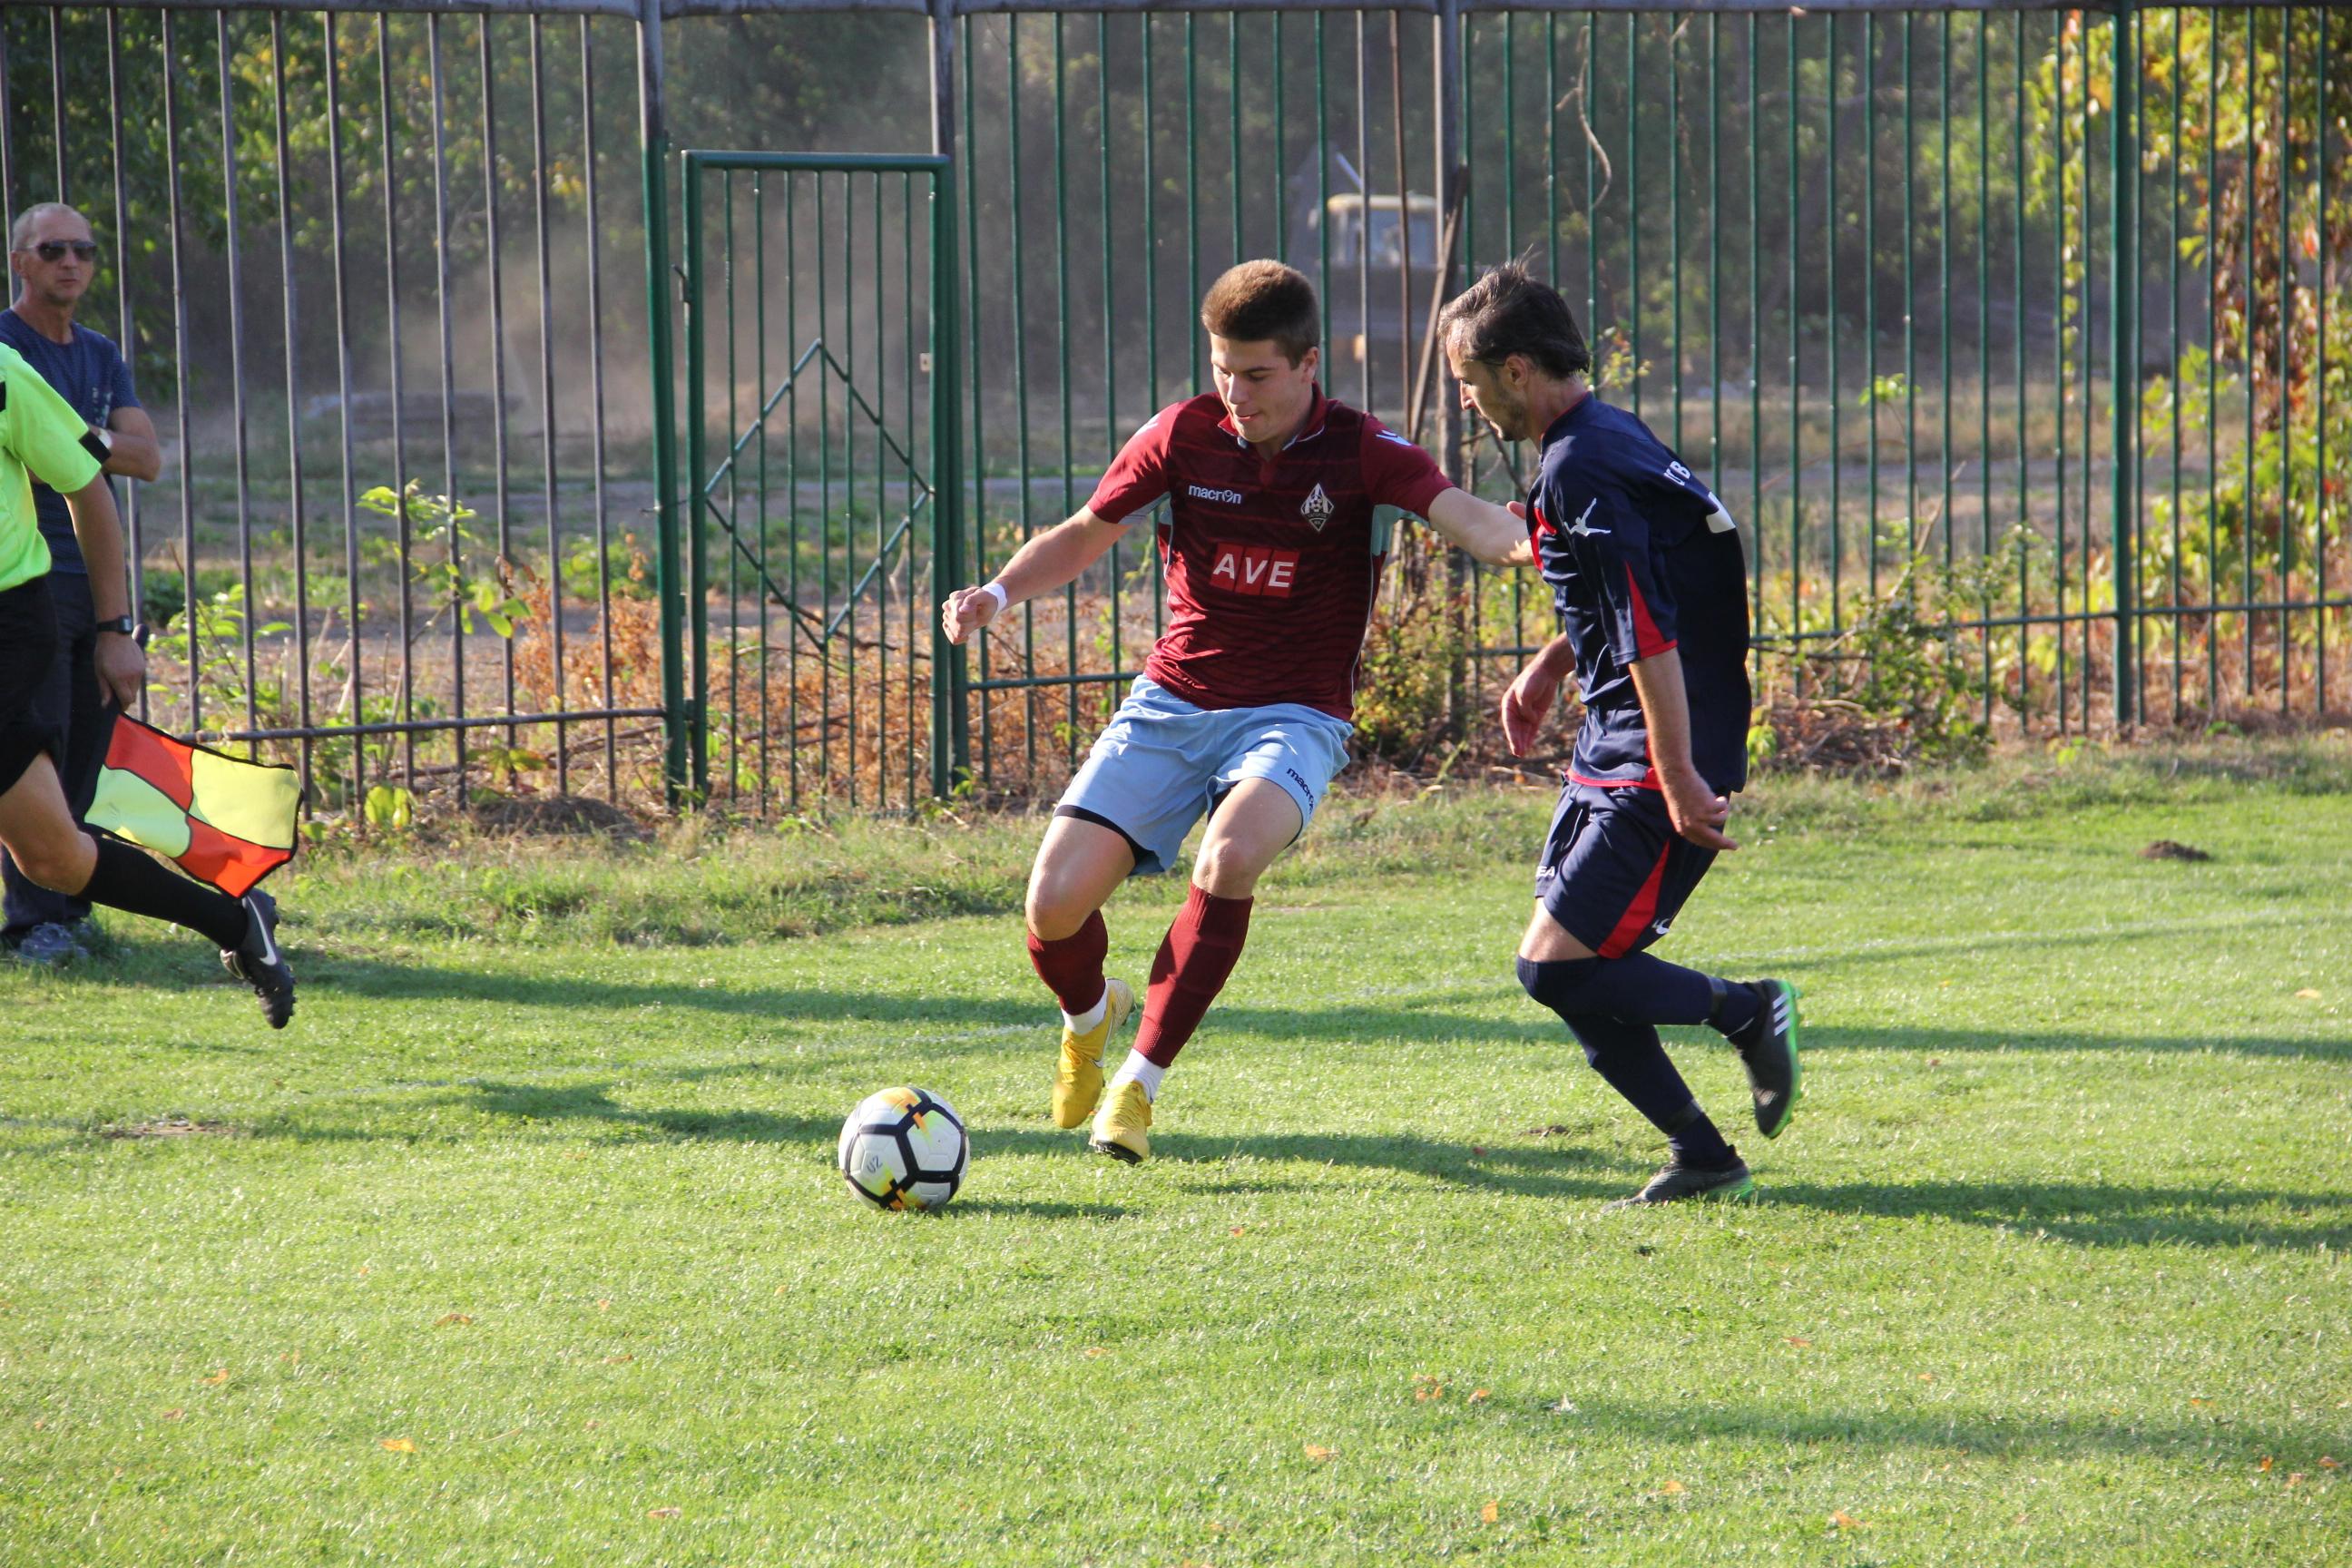 «Ужгород» зі скрипом перемагає «Вільхівці», а «Севлюш» припиняє боротьбу  в кубку аматорів України